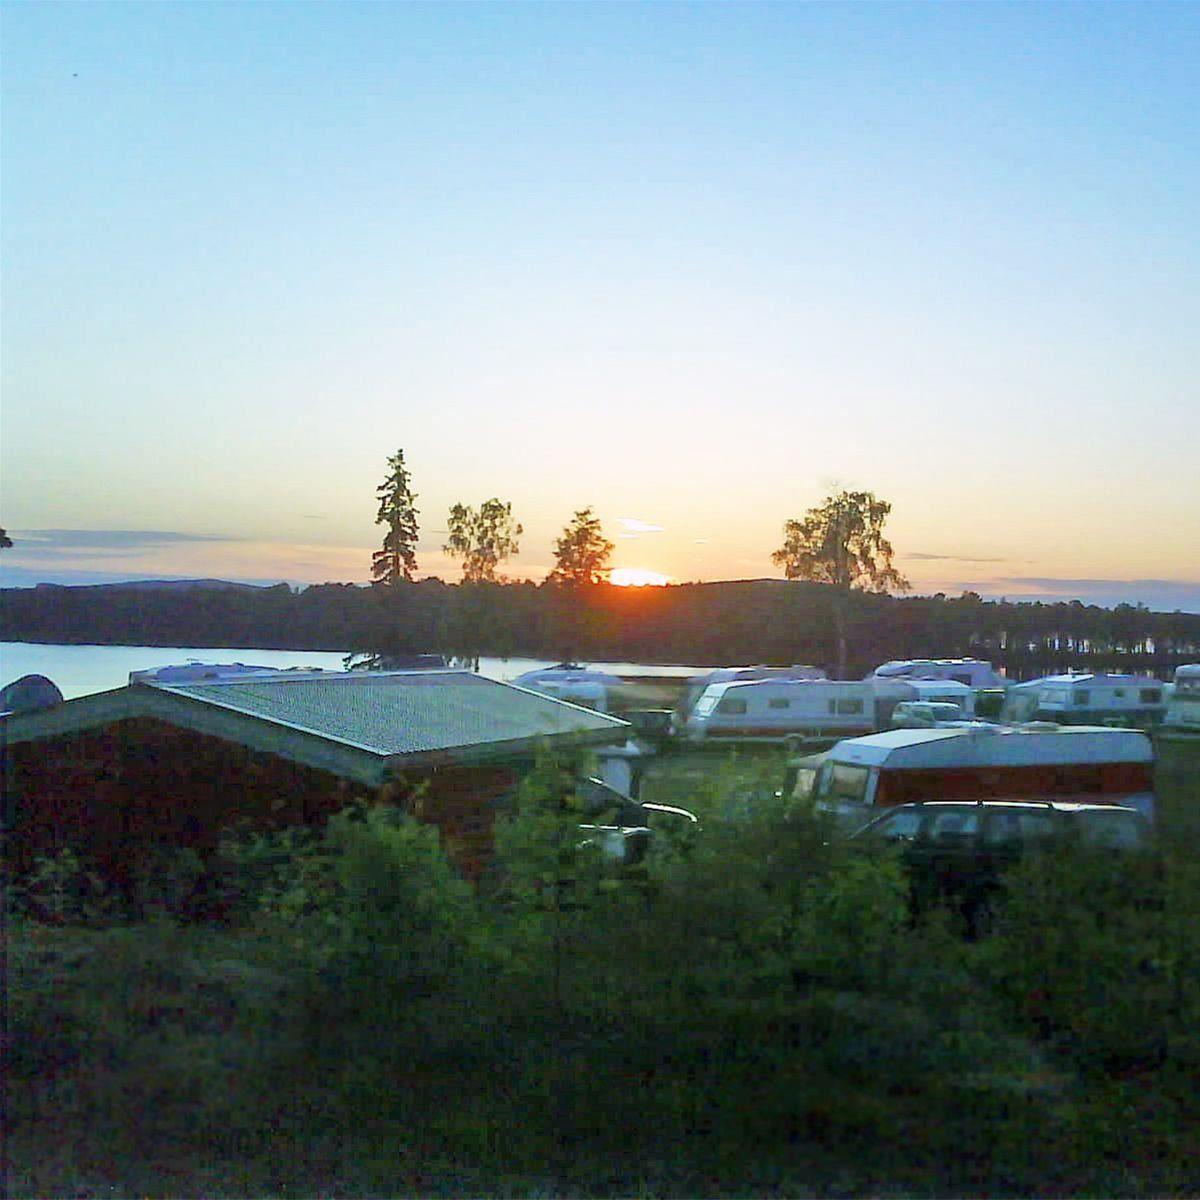 Omsjö Camping